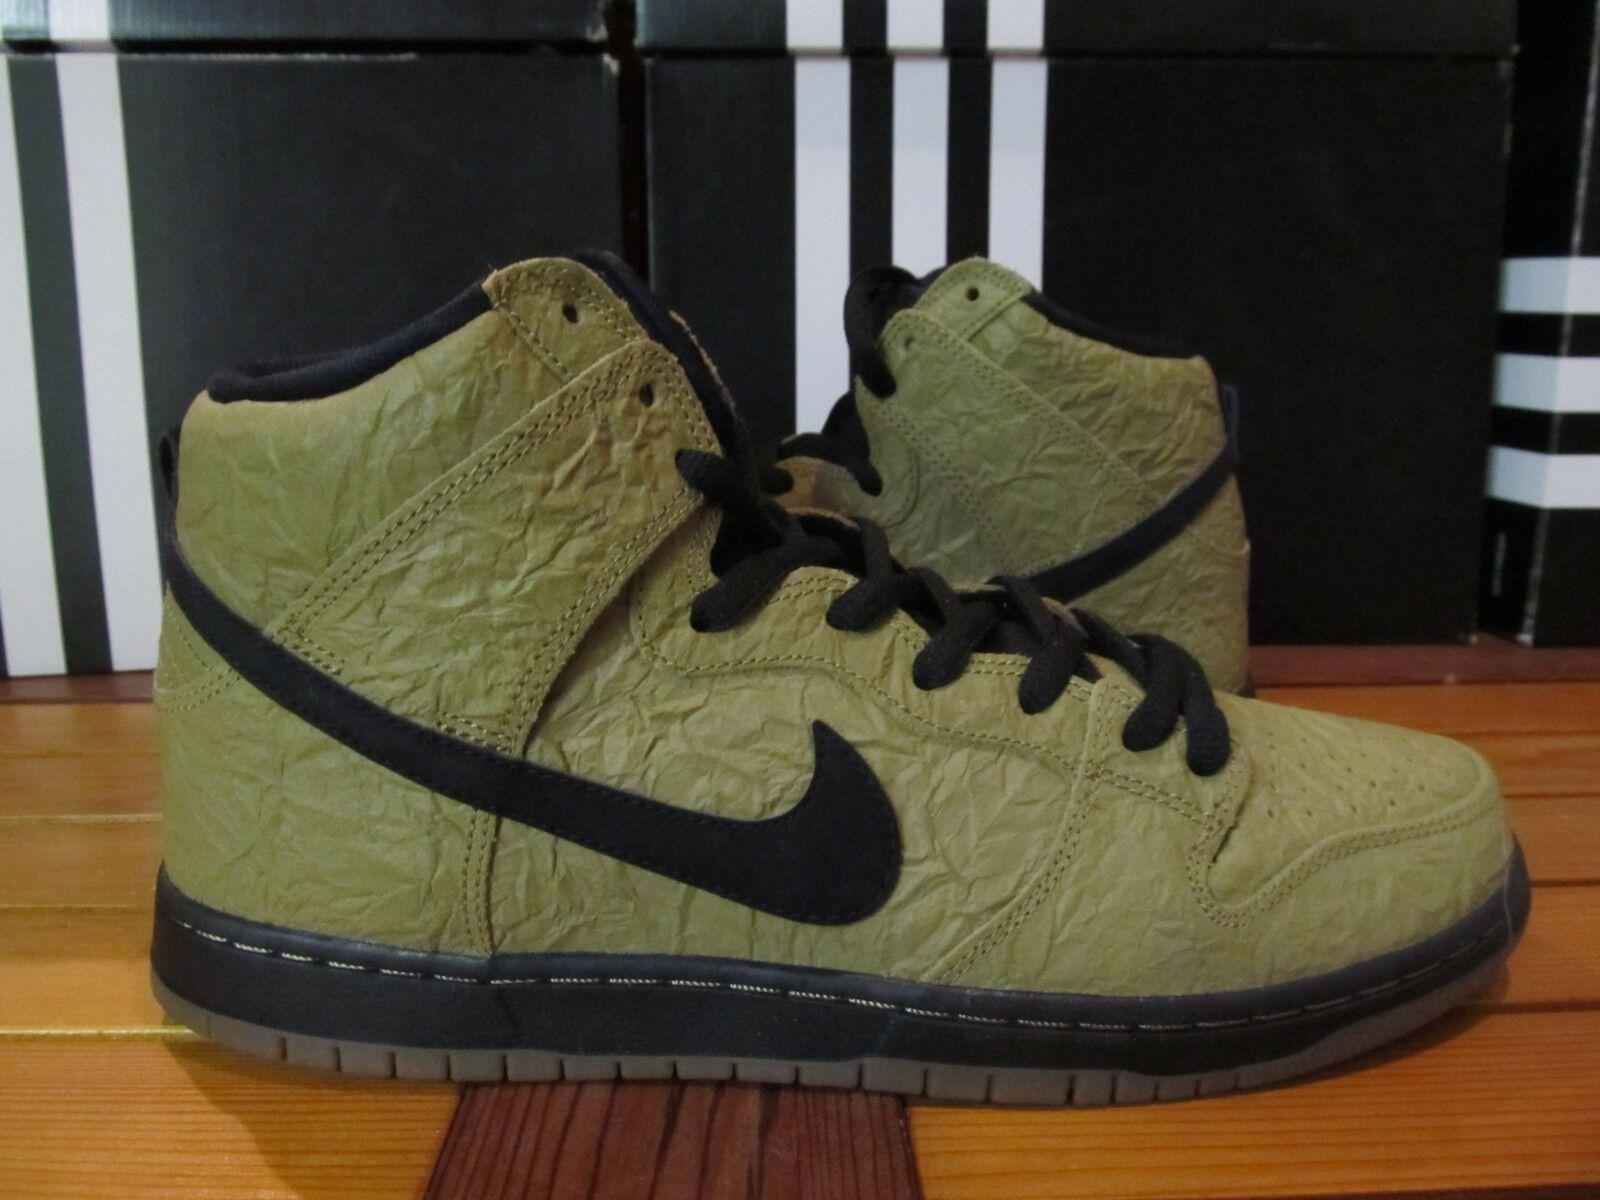 NEW Nike Dunk High Premium SB BROWN PAPER BAG Filbert Gum 11 313171 202 migos